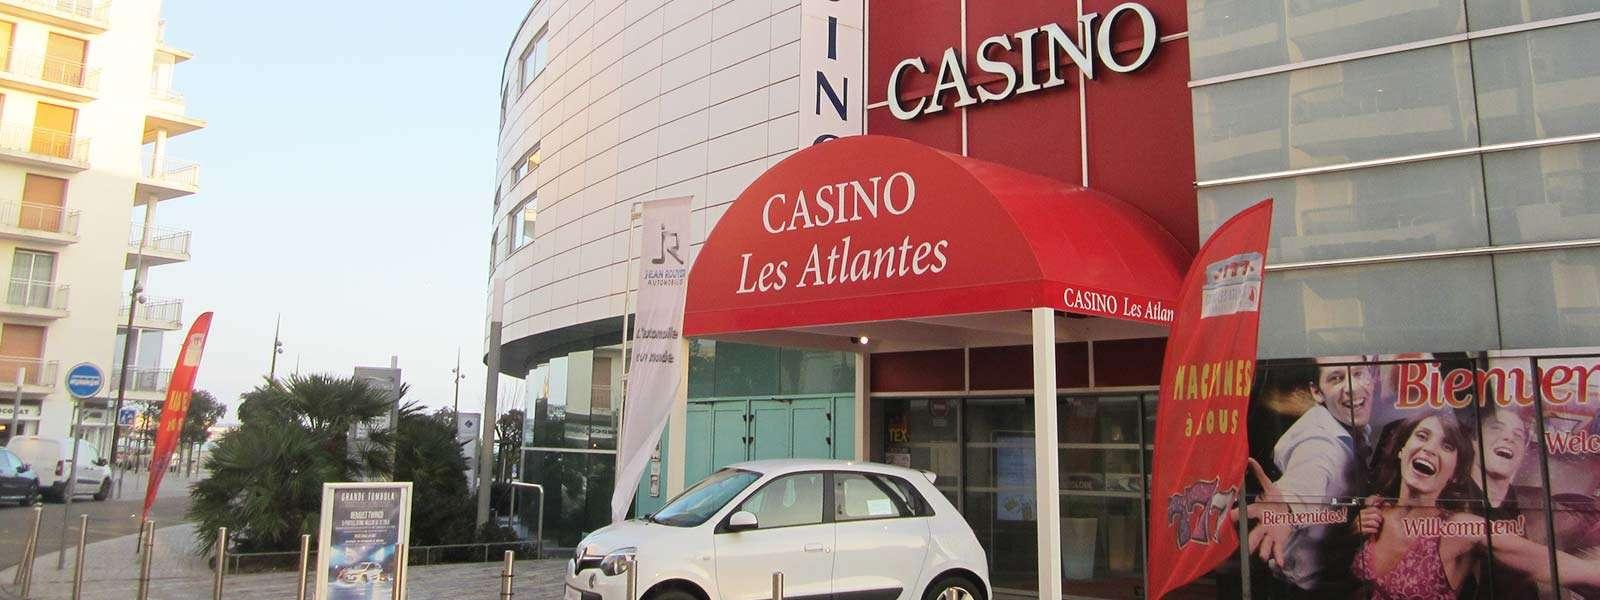 Casino-Jeux-Les Sables d'Olonne-Vendée-Pays de La Loire-France